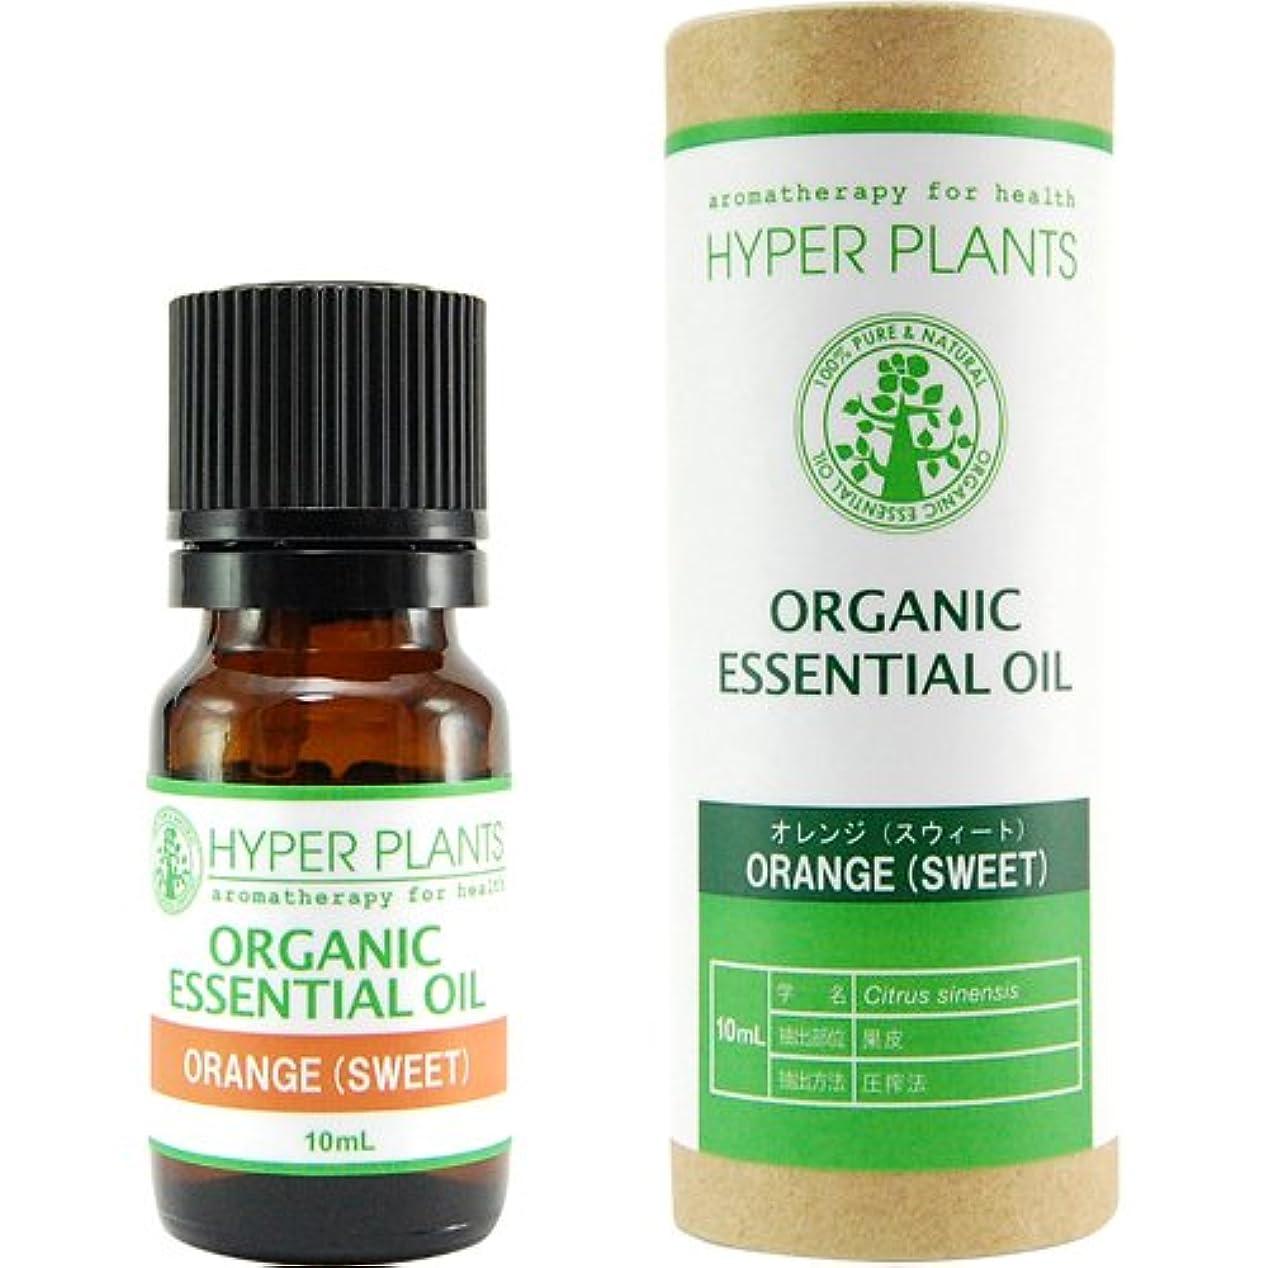 カウントアップ行為ベーカリーHYPER PLANTS ハイパープランツ オーガニックエッセンシャルオイル オレンジ(スイート) 10ml HE0208